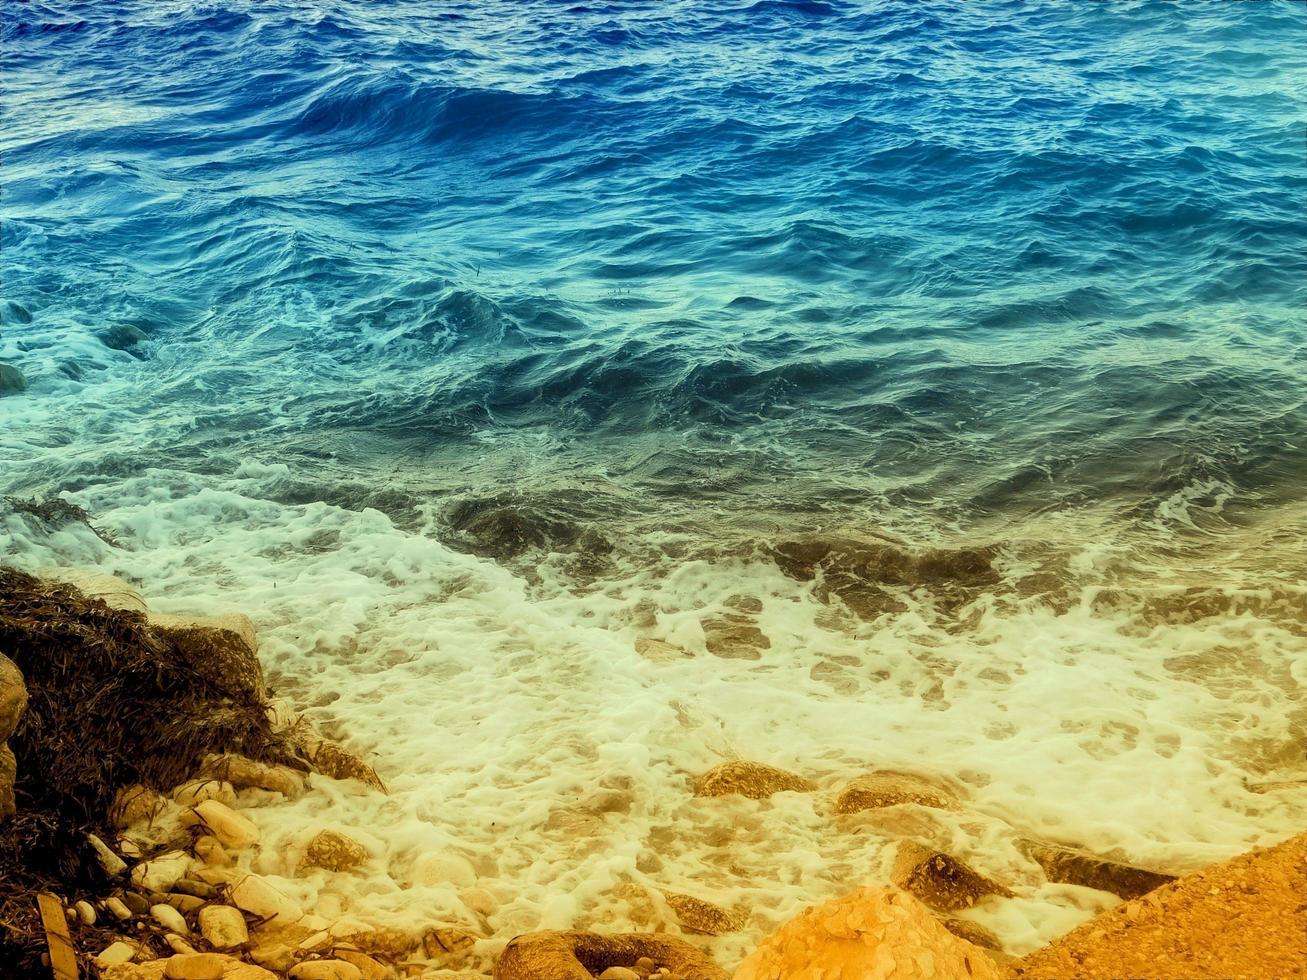 buiten zee textuur foto